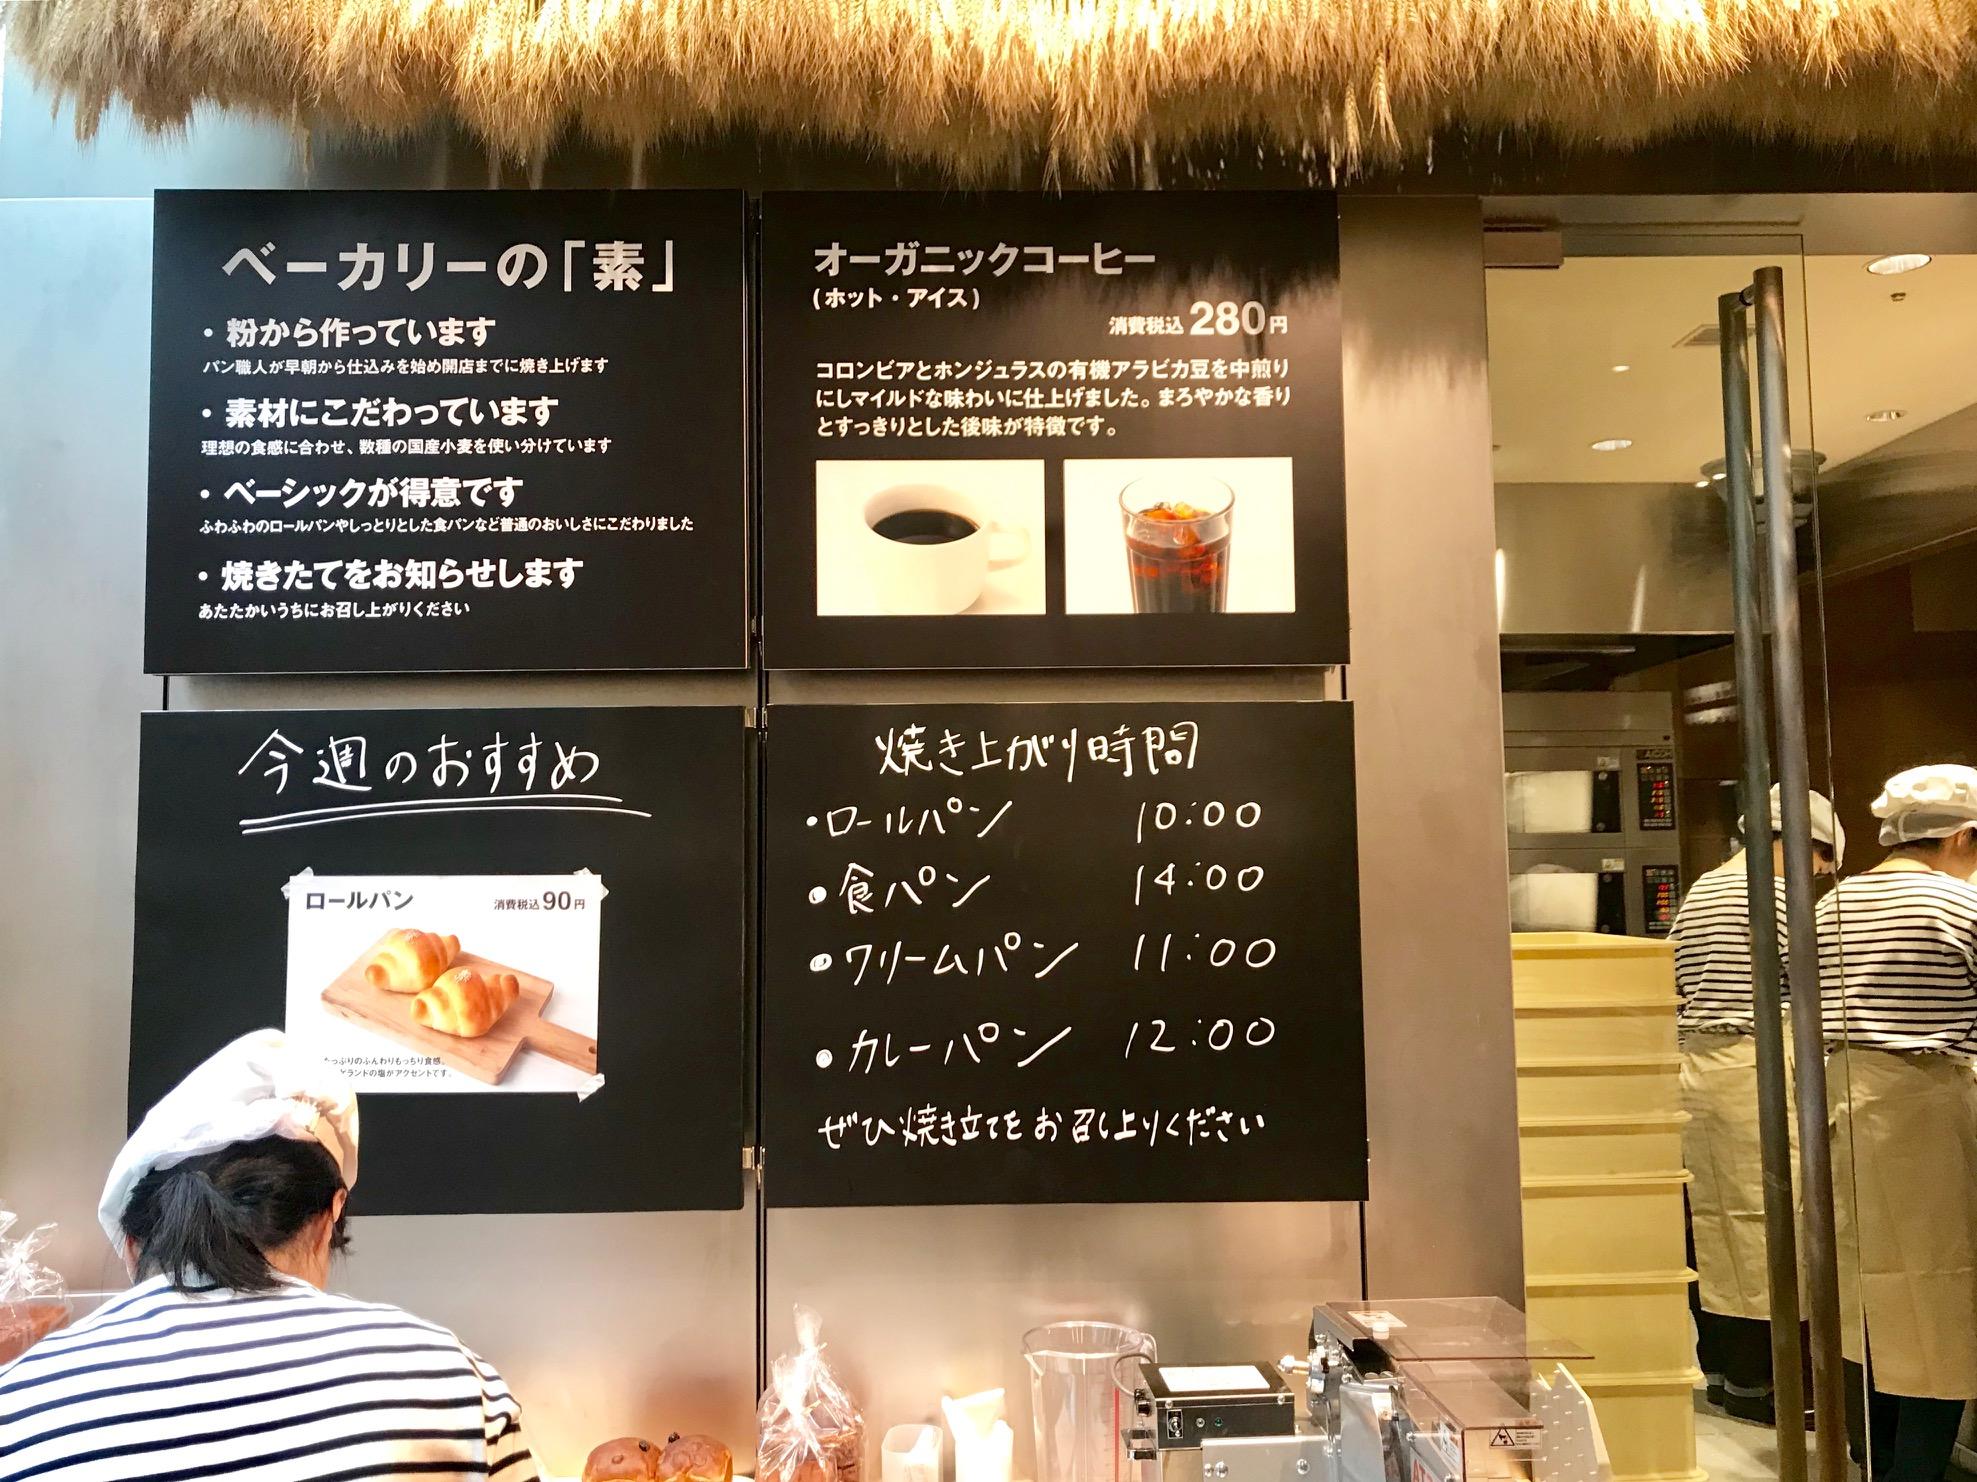 「無印良品 銀座」特集 - 無印良品の旗艦店OPEN!日本初のホテルやレストラン、限定商品まとめ_12